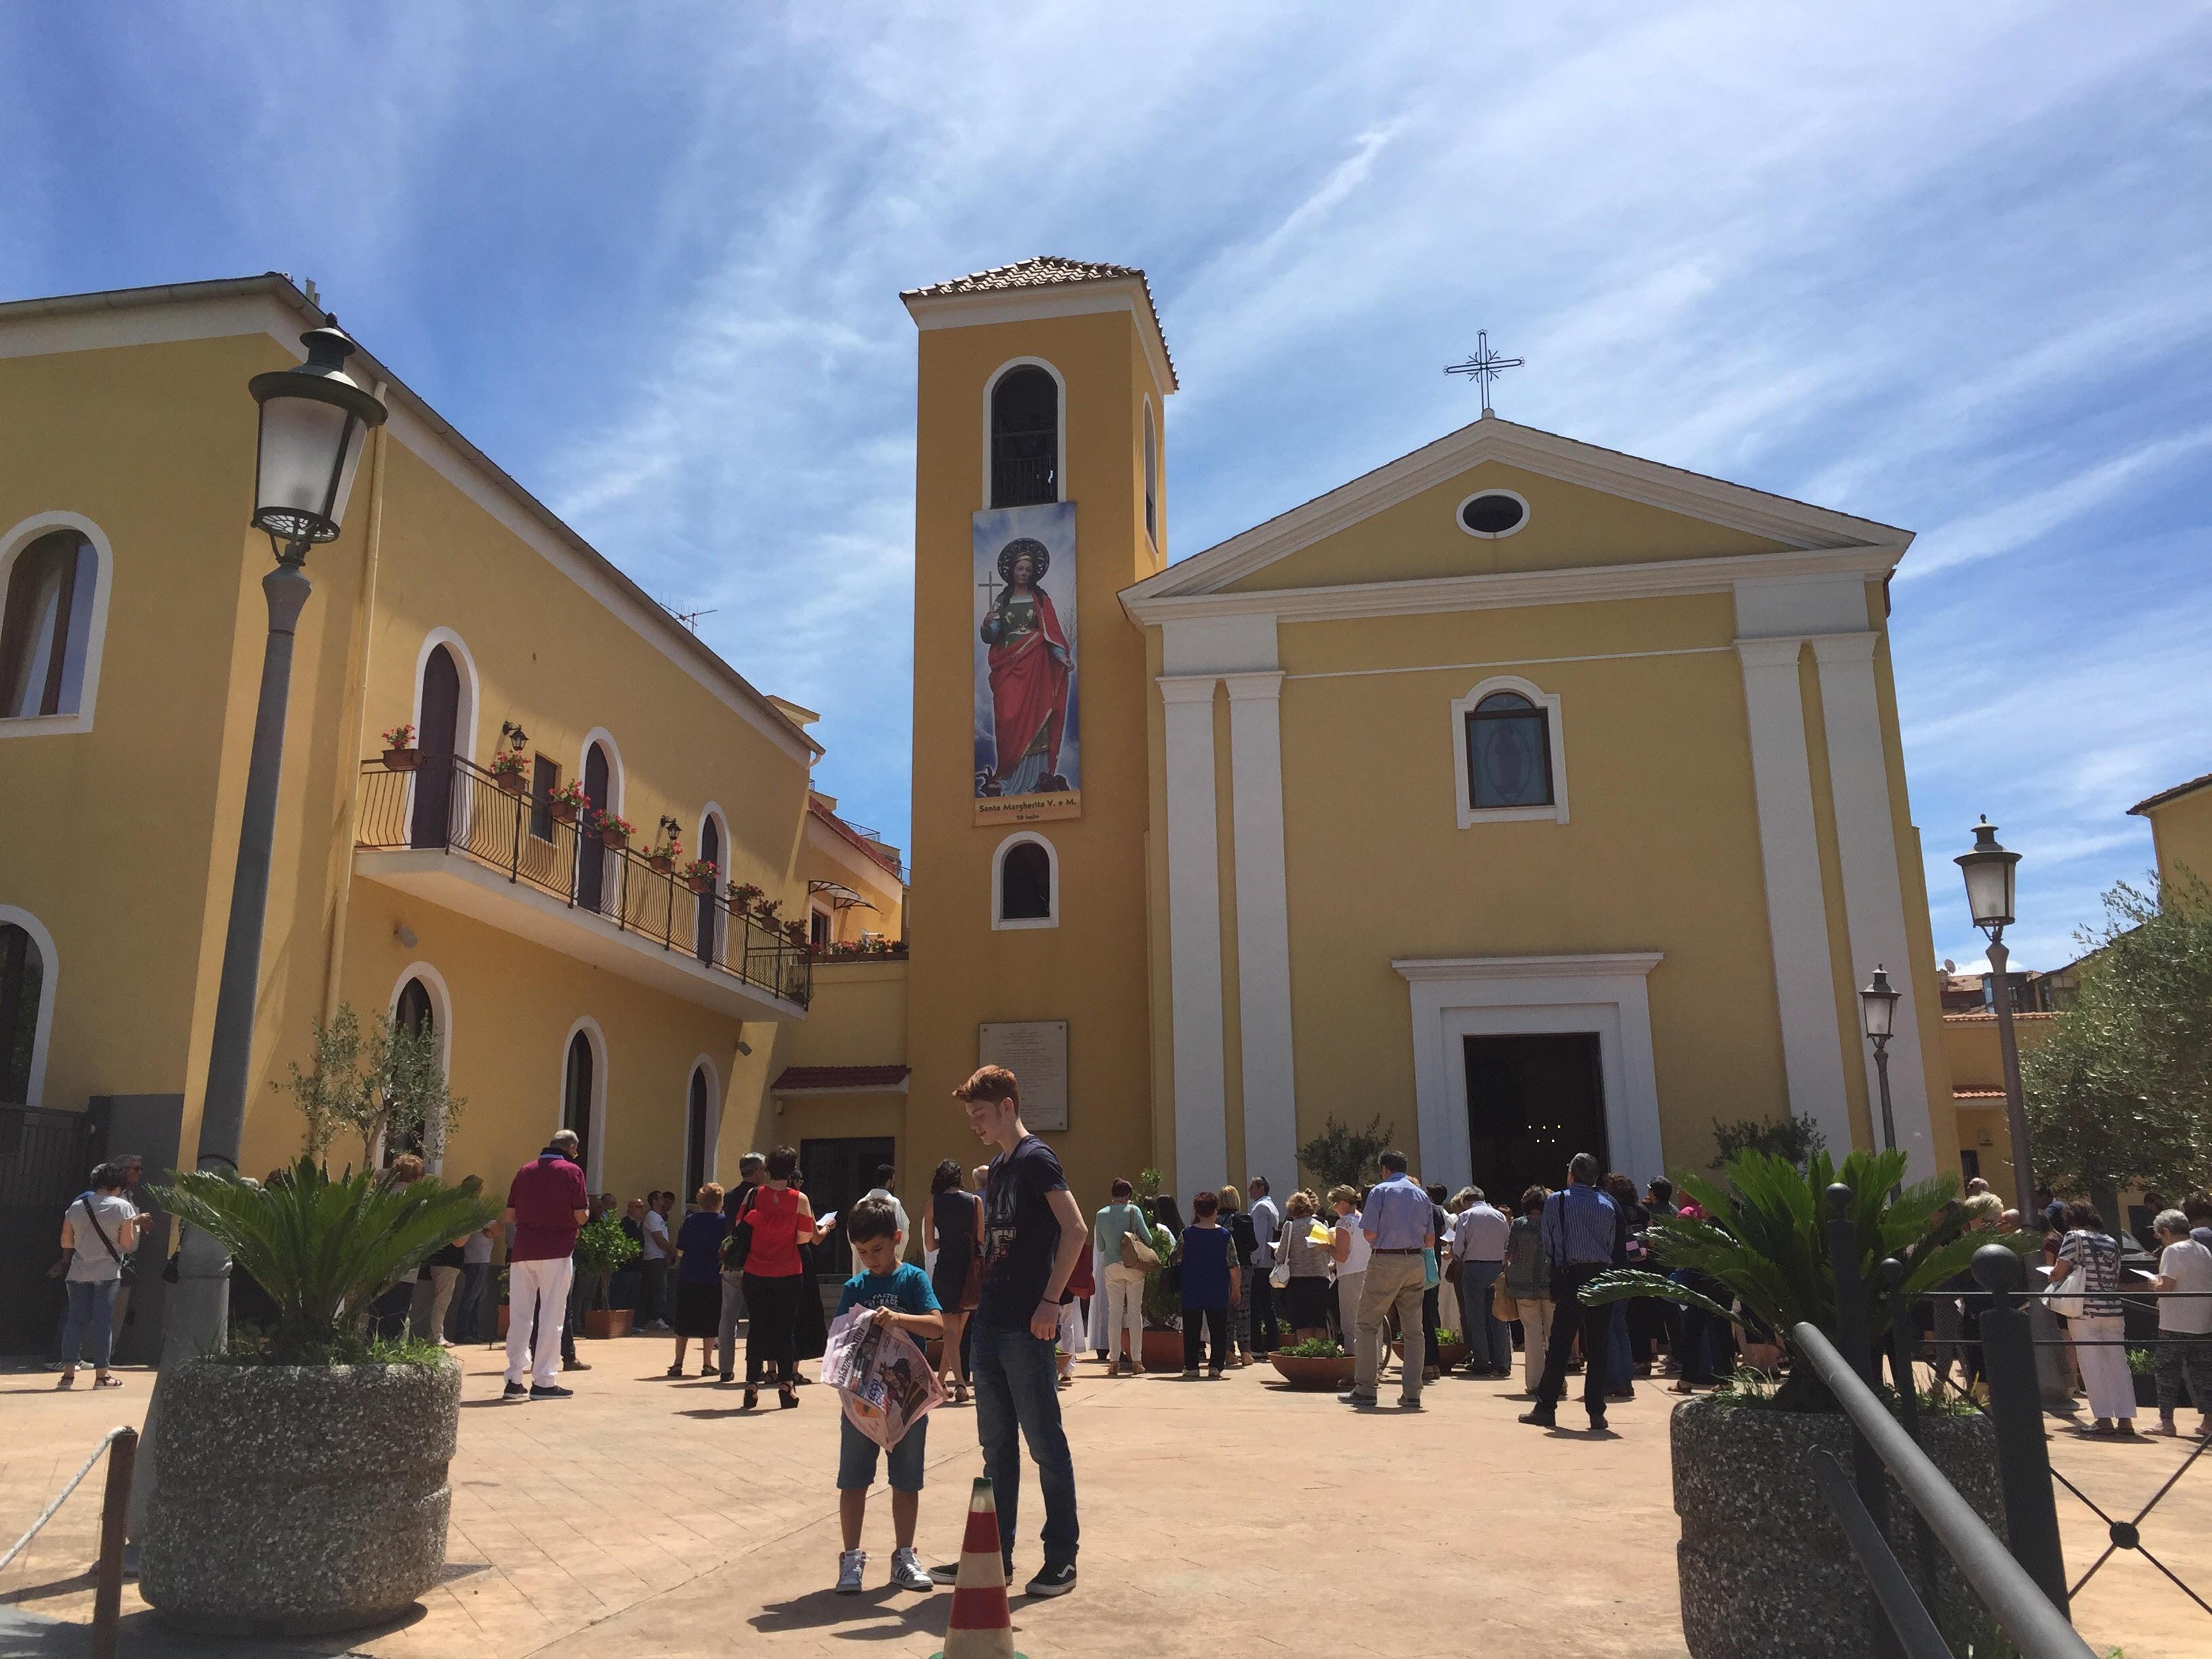 http://www.salernonotizie.net/wp-content/uploads/2018/06/santamargherita2018.jpg